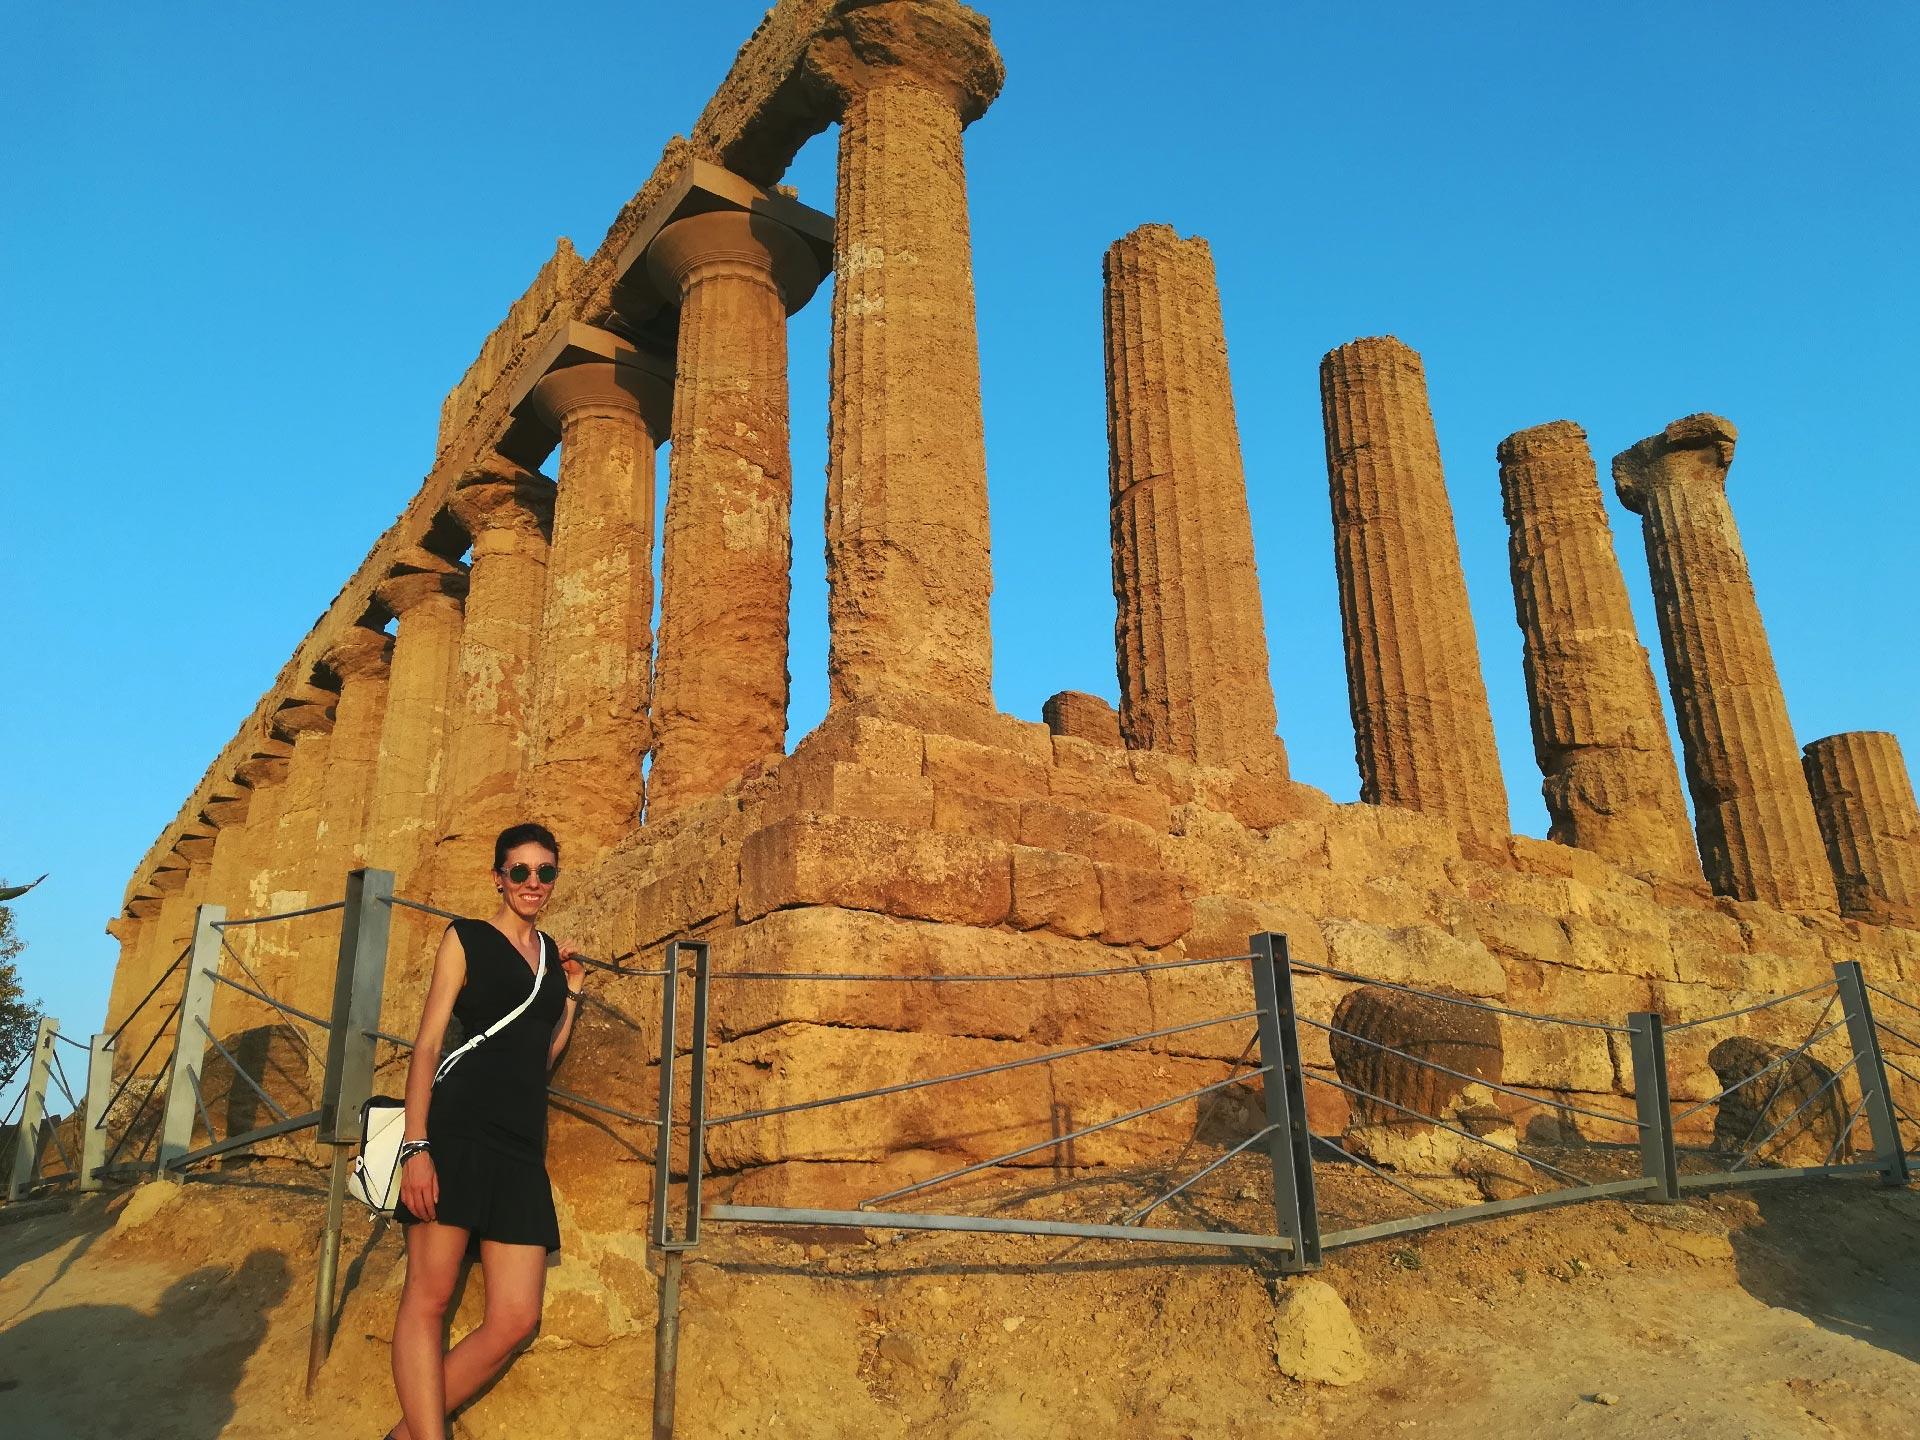 le rovine del Tempio di Giunone, Valle dei Templi, Agrigento, Sicilia